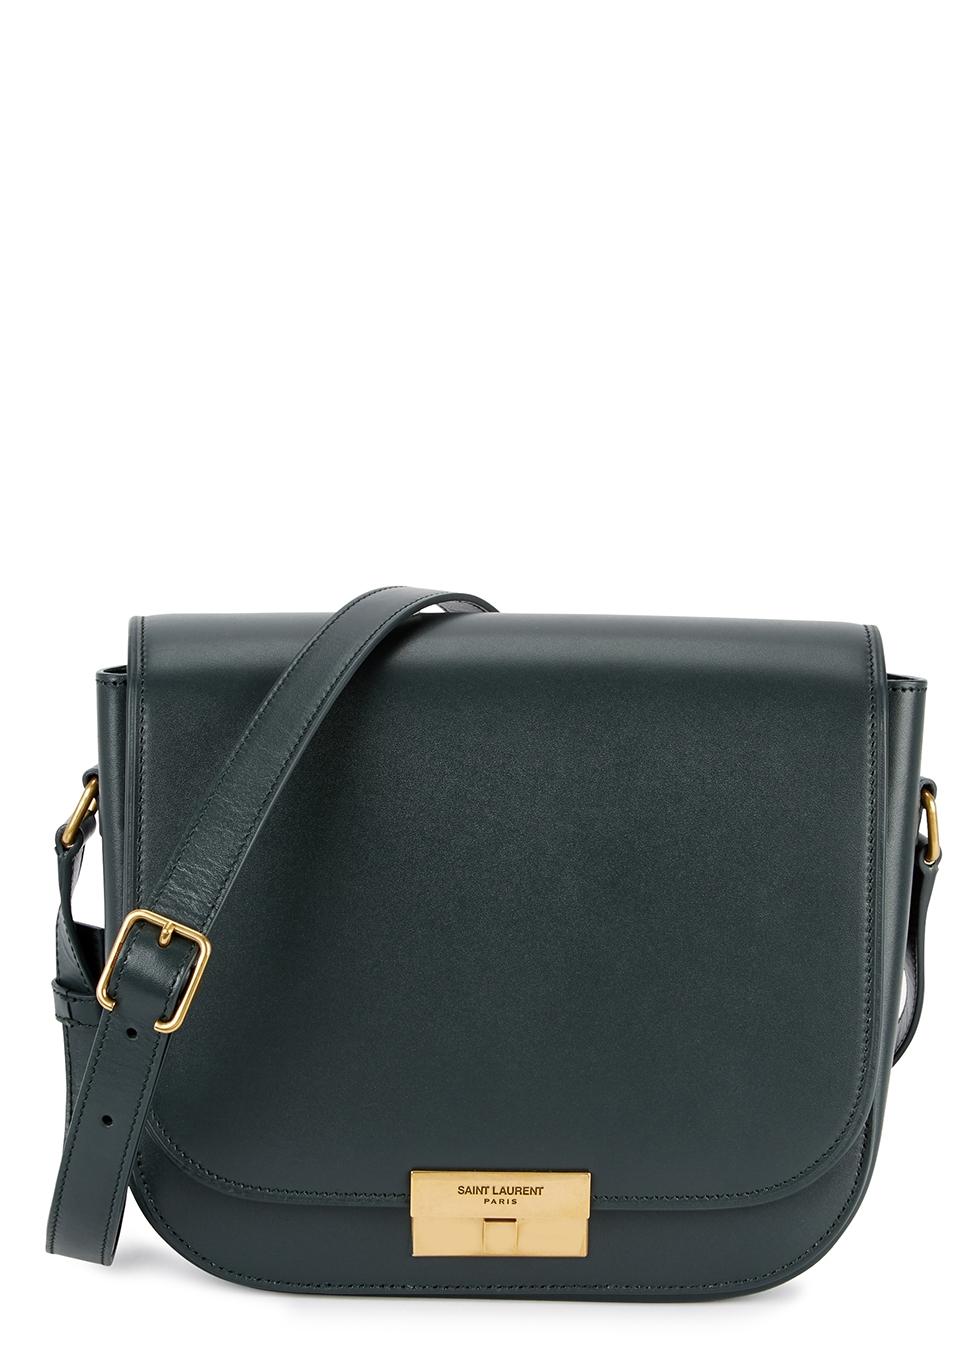 46816fa6727f Saint Laurent Bags - Womens - Harvey Nichols